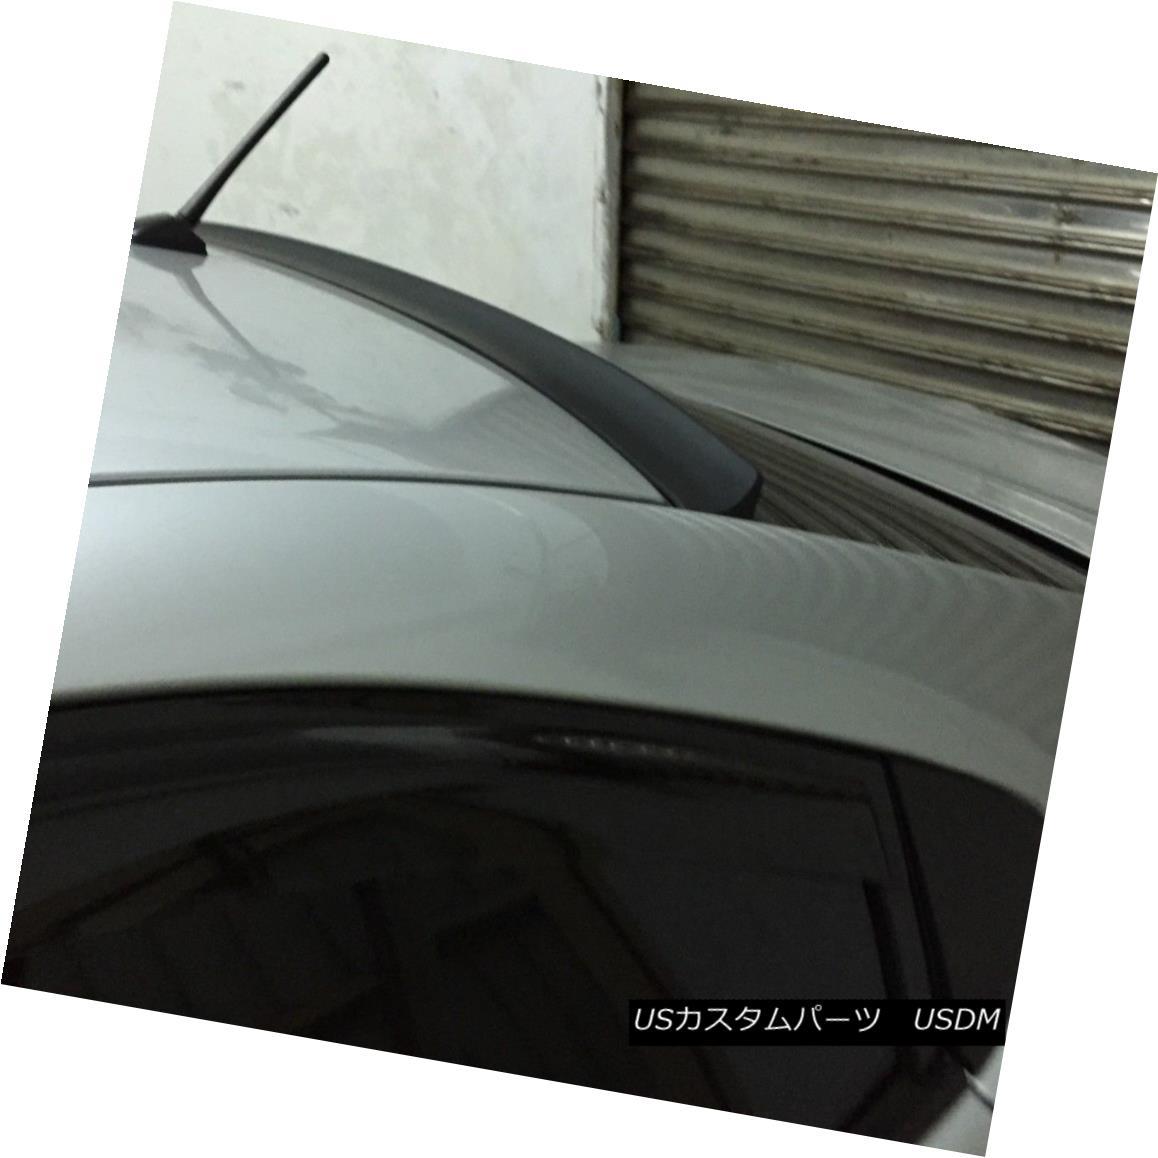 エアロパーツ Painted LRS Style Rear Roof Spoiler Wing For Dodge Avenger Sedan 2008 - 2011 ? ドッジアベンジャーセダン2008 - 2011のための塗装LRSスタイルのリアルーフスポイラーウィング?